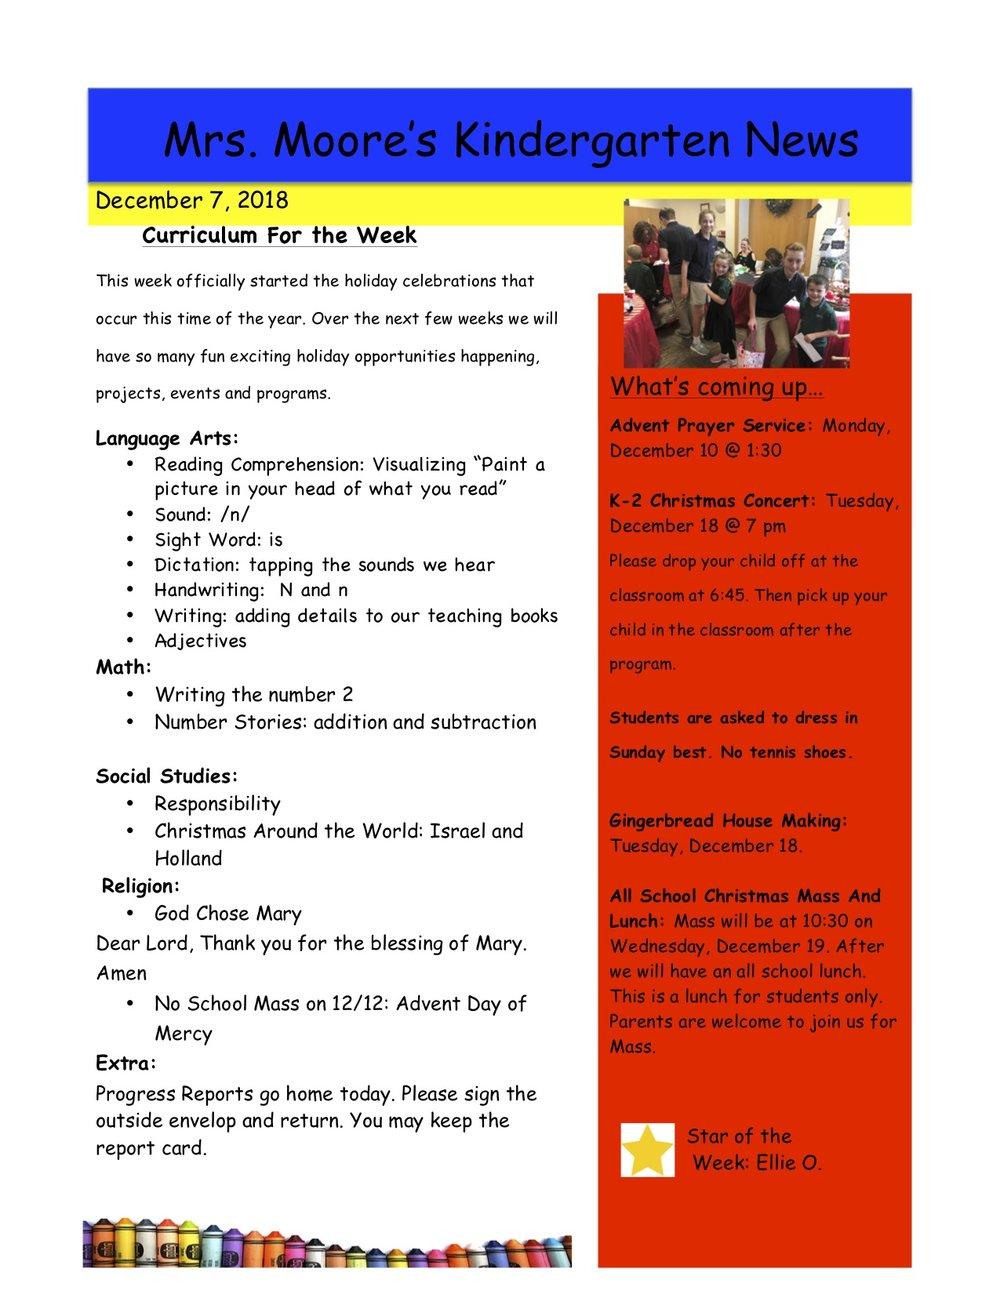 MooreNewsletter Week 12-7-18.jpg